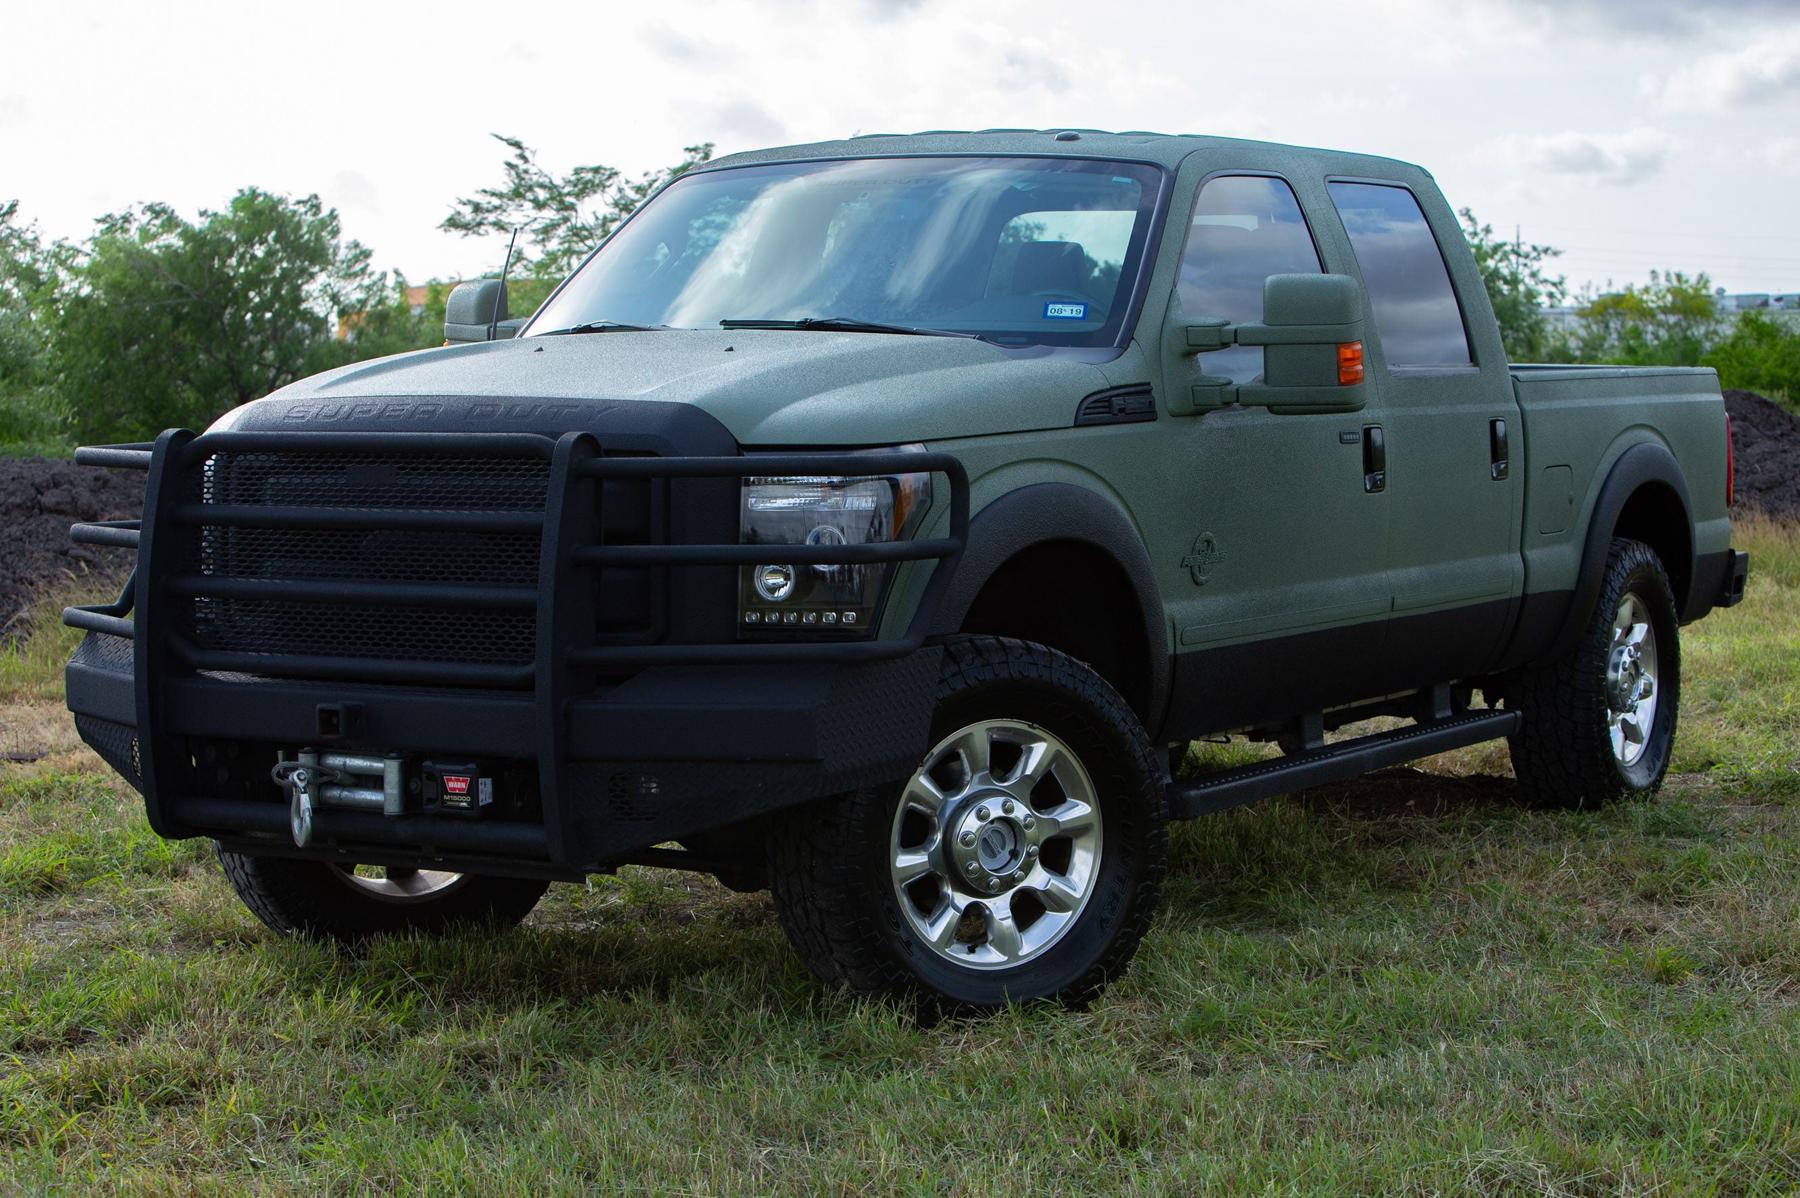 Ford-Rhino-Linings